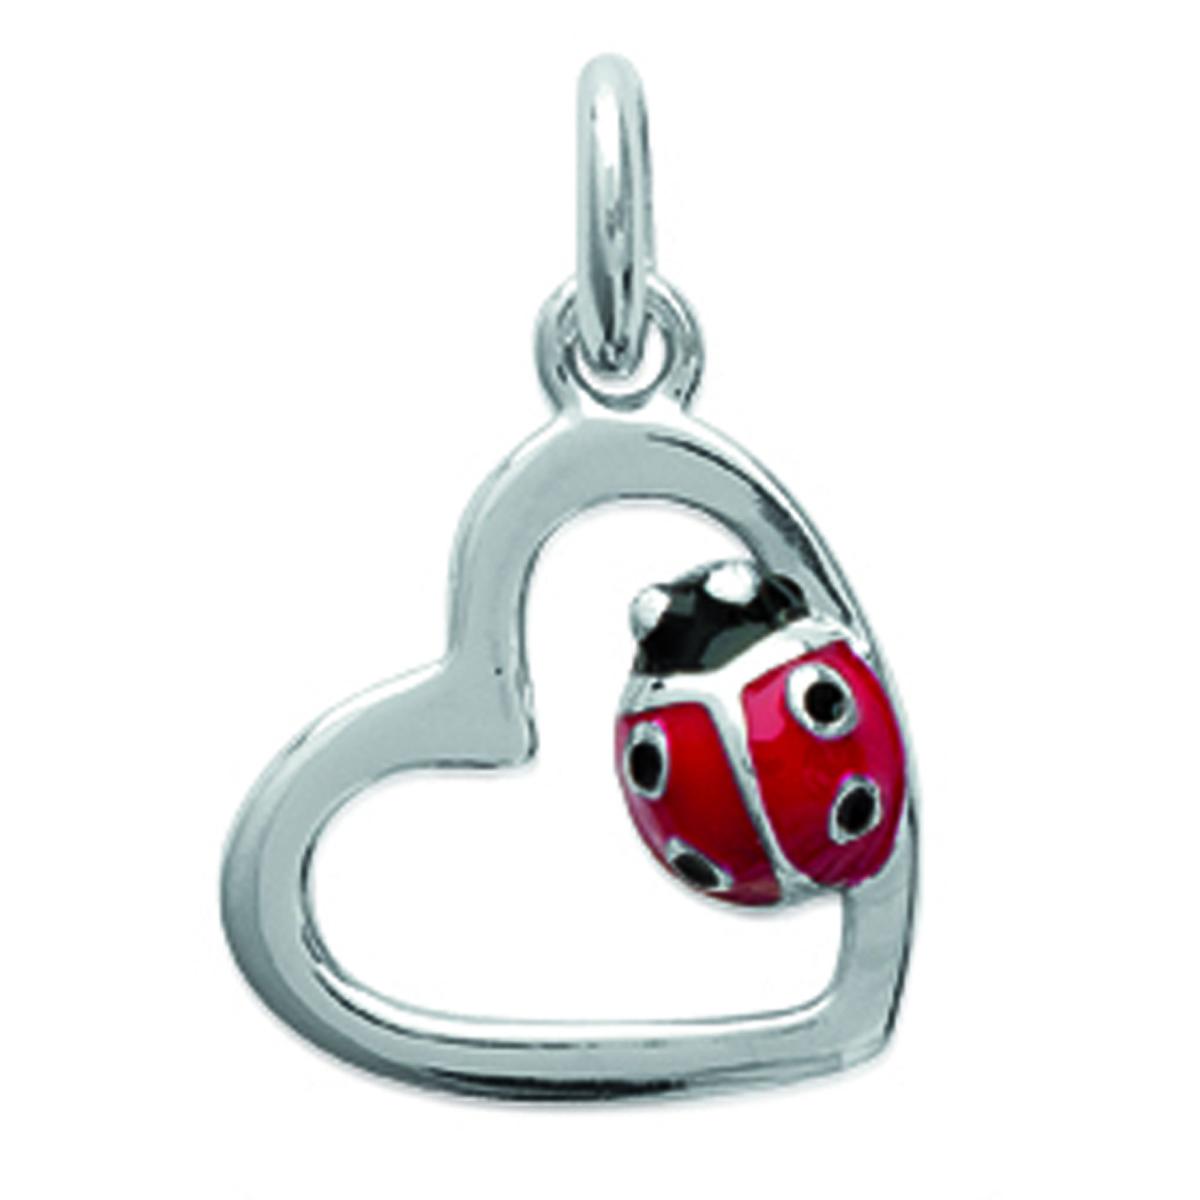 Pendentif Argent \'Coccinelle\' rouge argenté (rhodié) love - 12x12 mm - [L5695]